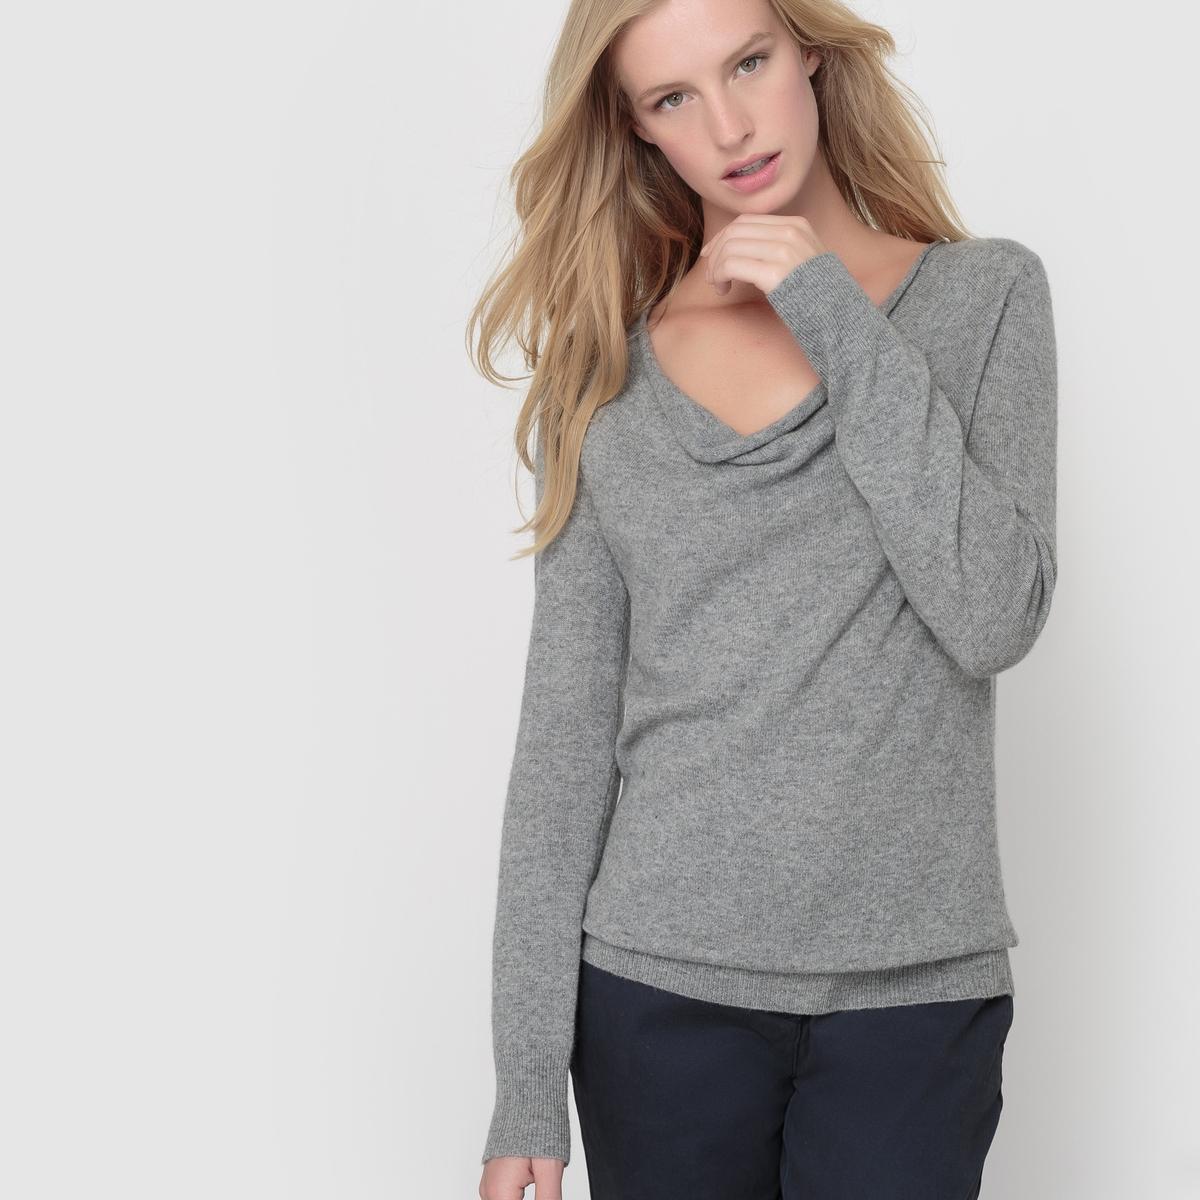 Пуловер с драпировкой на вырезе, 100% кашемираПуловер с драпировкой на вырезе. Длинные рукава. Края рукавов и низа связаны в рубчик. Джерси, 100% кашемира. Длина 64 см.<br><br>Цвет: серый меланж,темно-синий,черный<br>Размер: 42/44 (FR) - 48/50 (RUS).38/40 (FR) - 44/46 (RUS).34/36 (FR) - 40/42 (RUS).50/52 (FR) - 56/58 (RUS)